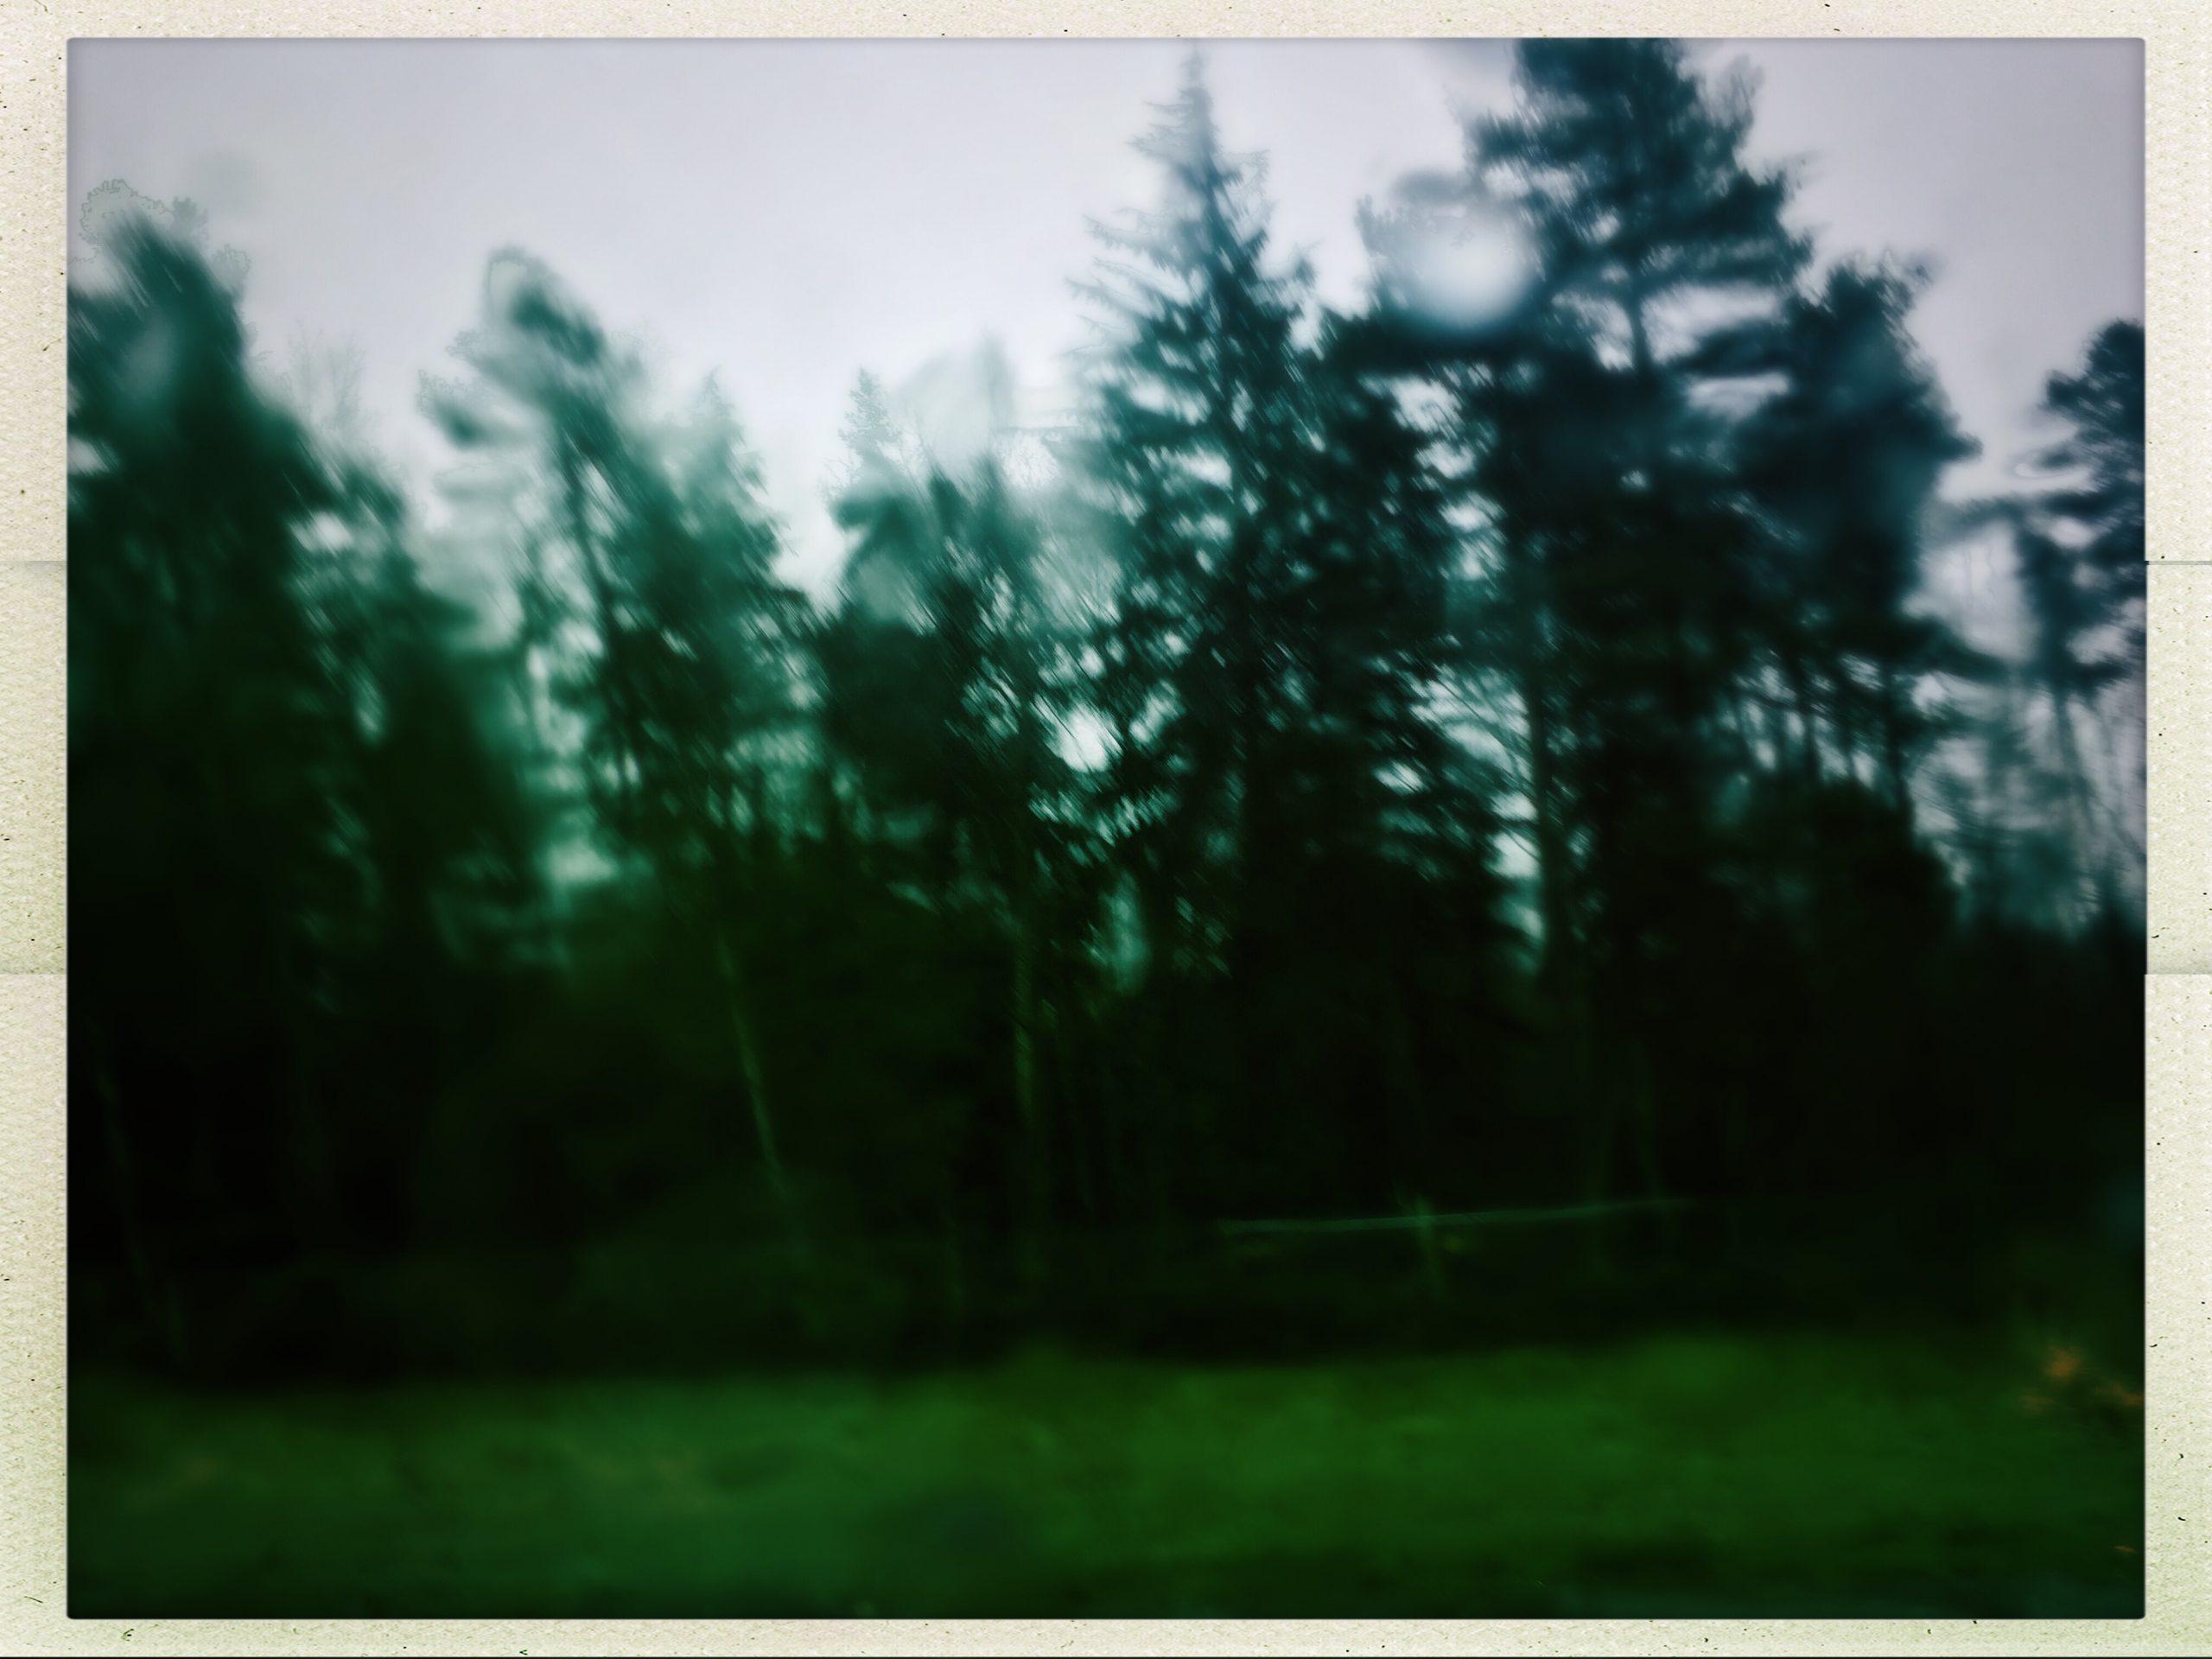 Lost… Like tears in rain